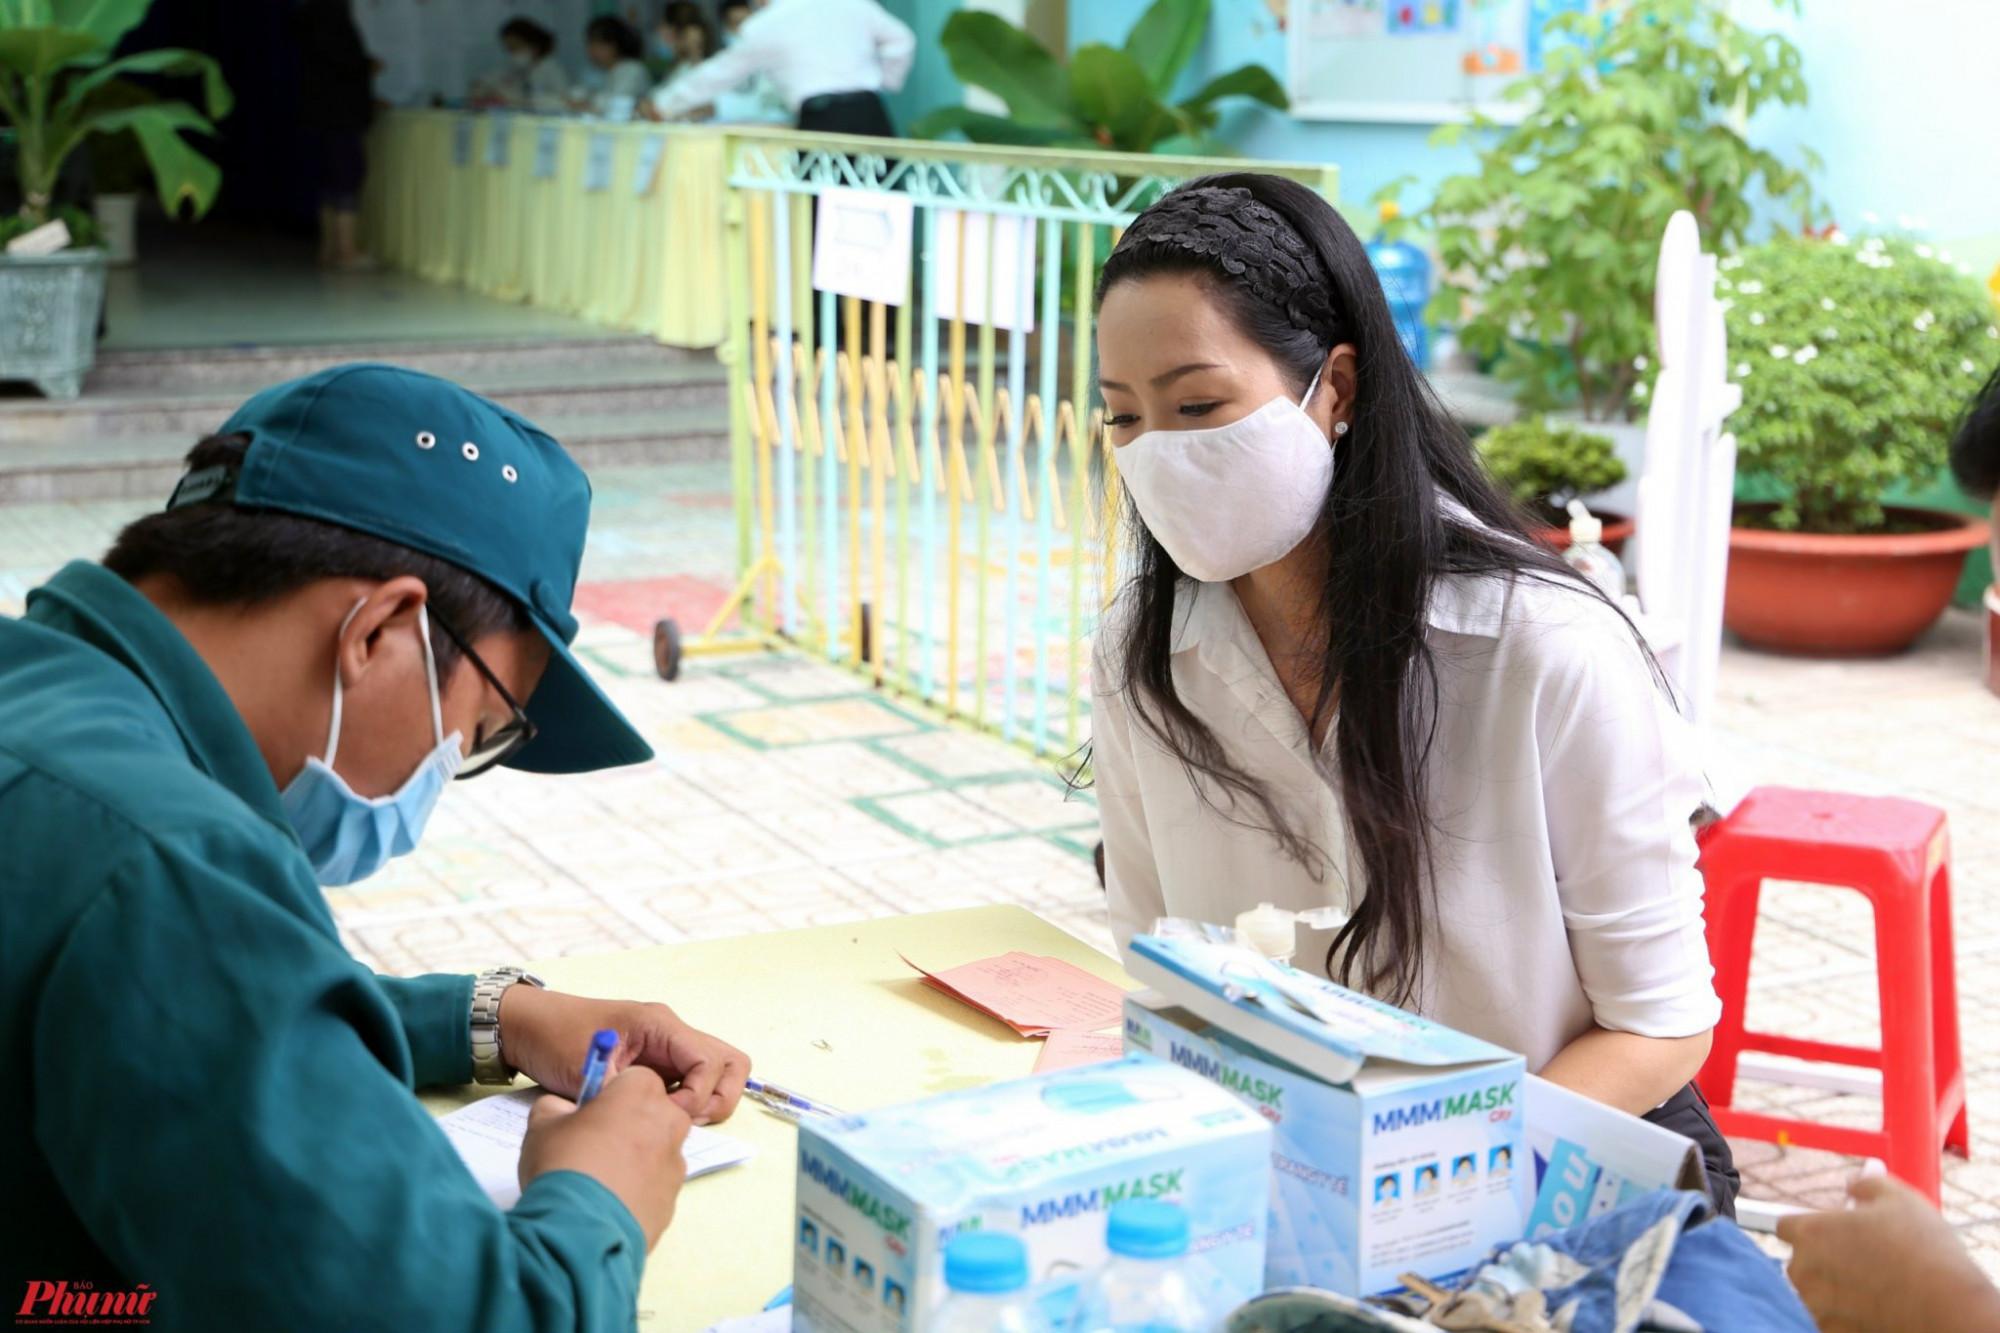 NSƯT Trịnh Kim Chi có mặt tại điểm bầu cử ở số 186, đường Nguyễn Văn Lượng, P.17, Q. Gò Vấp vào trưa 23/5 để bỏ phiếu. Chị tranh thủ đến điểm bầu cử sau khi lo công việc cho gia đình vào buổi sáng. Gần đây, gia đình nữ nghệ sĩ có tang.